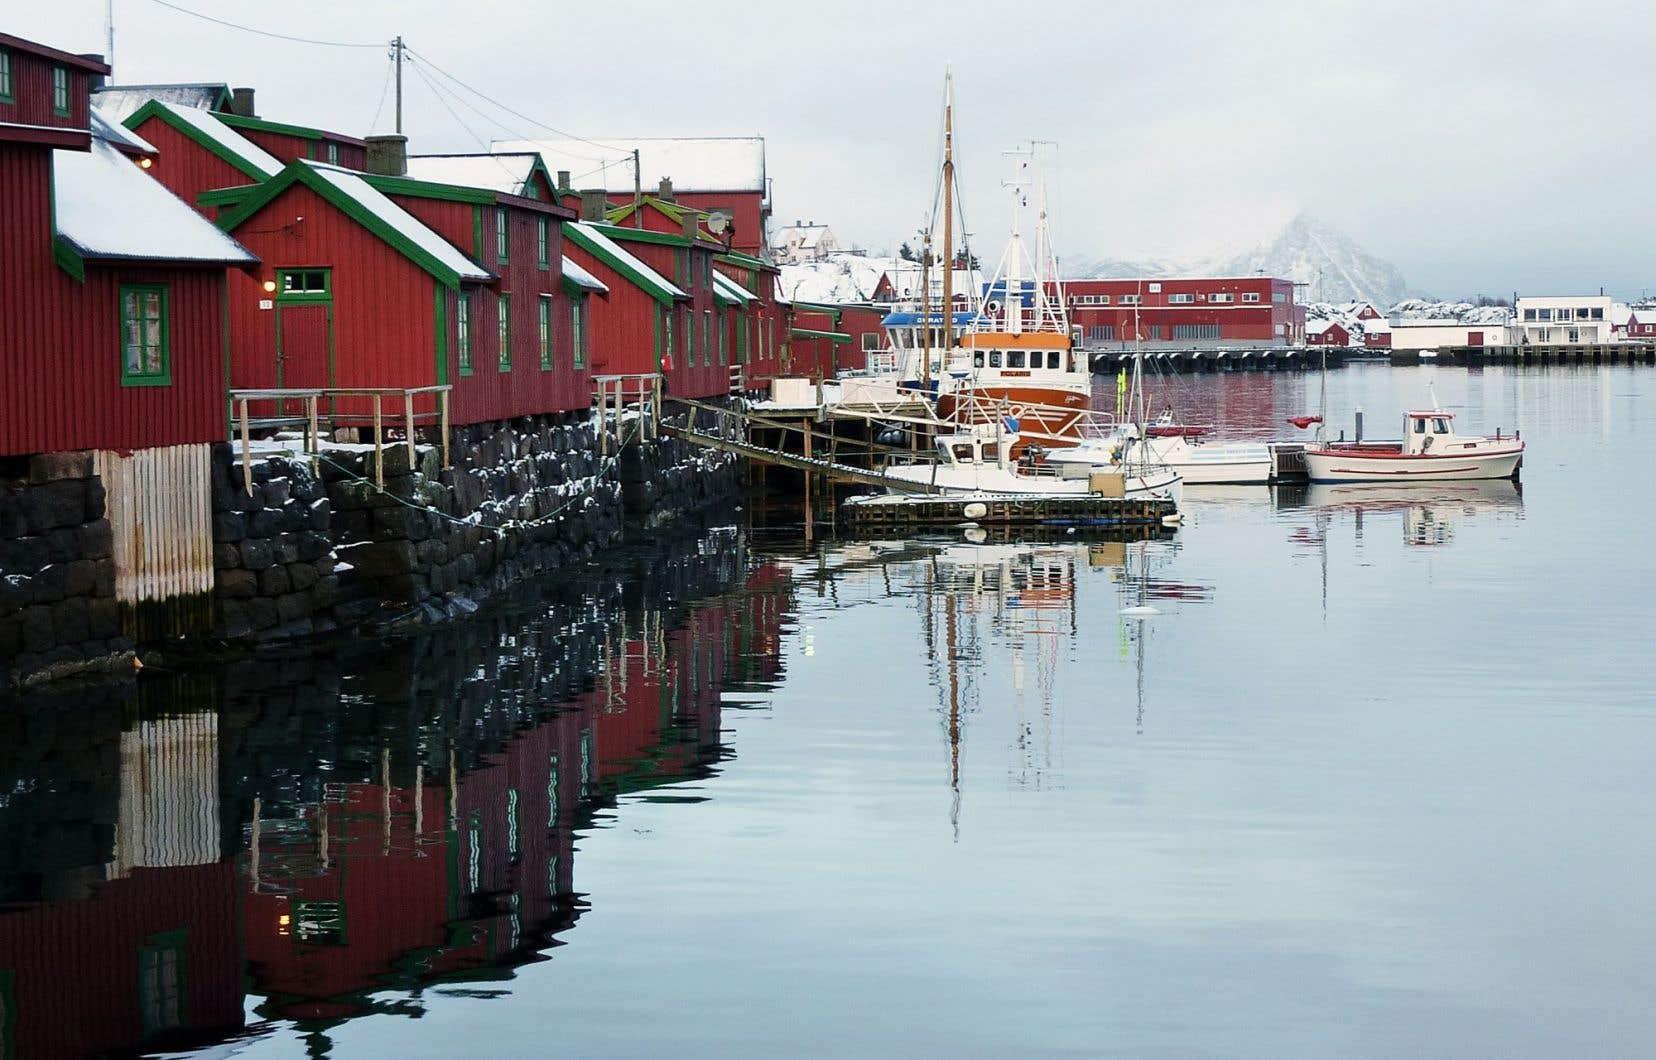 Petit village de pêcheurs en Norvège. Le pays, qui tire une part importante de ses revenus de l'exploitation du pétrole, cherche malgré tout à contribuer à la protection de l'environnement.